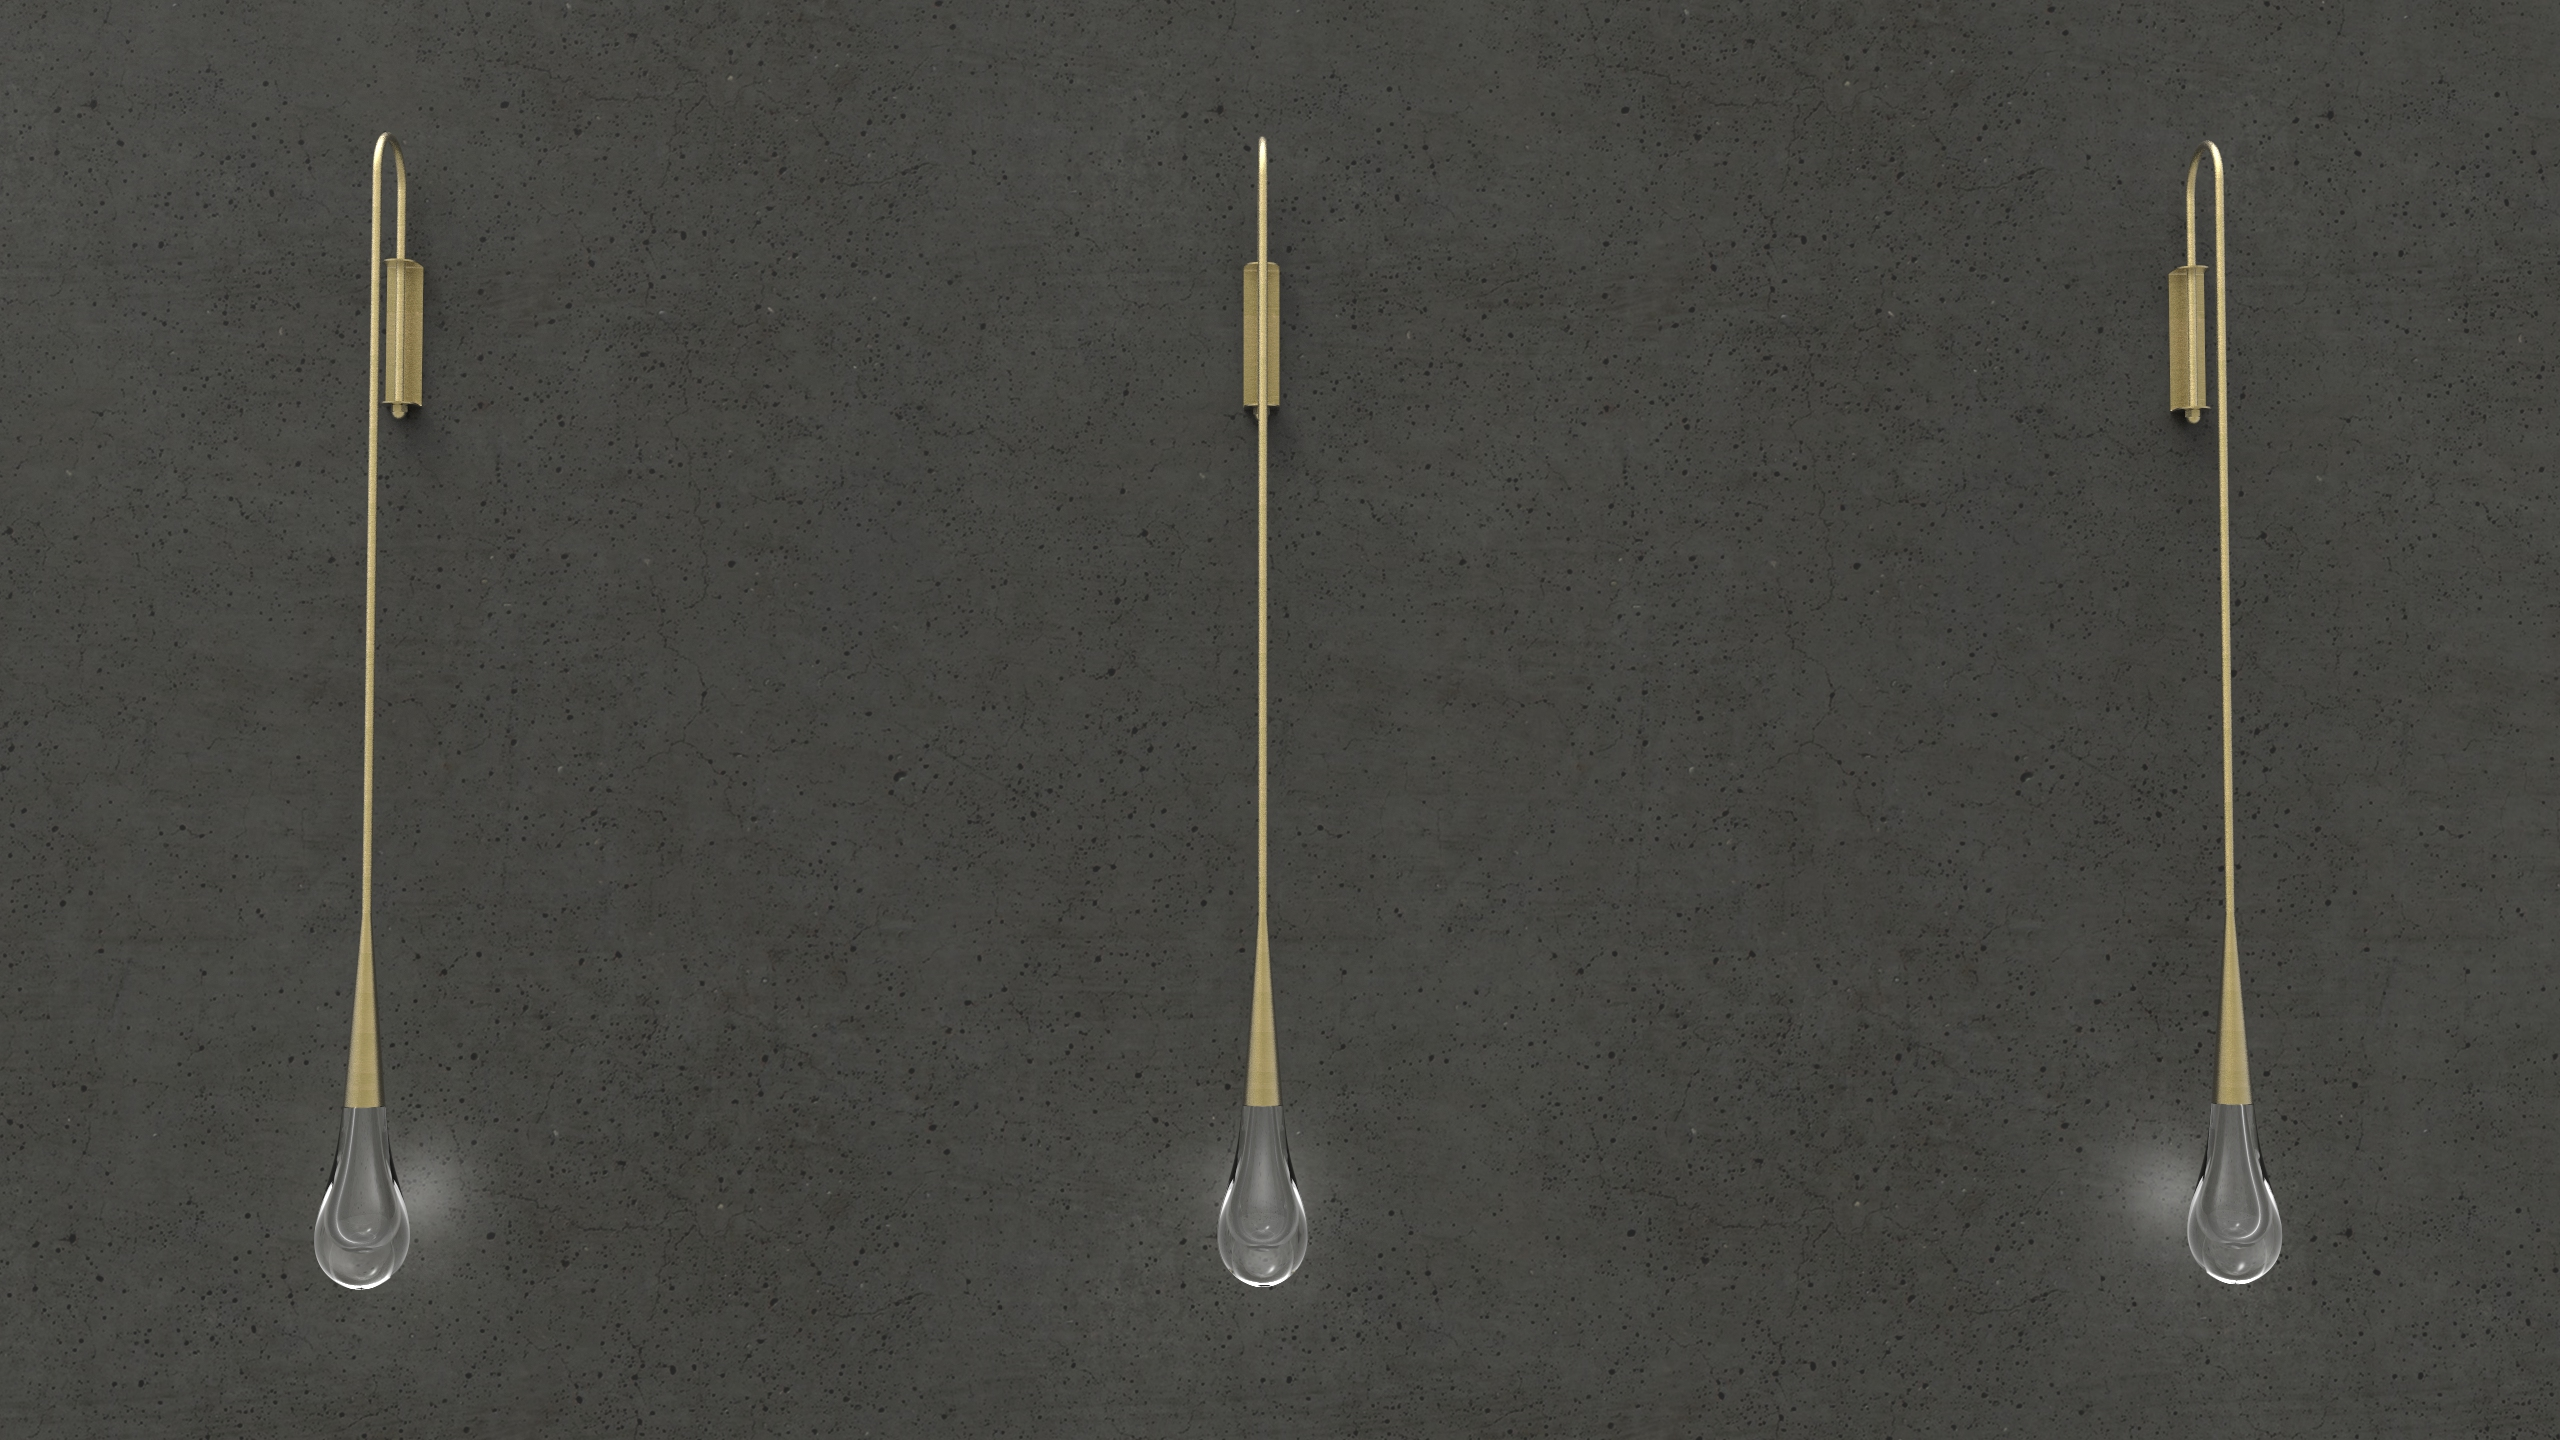 TEARDROP_WALL LAMP.86